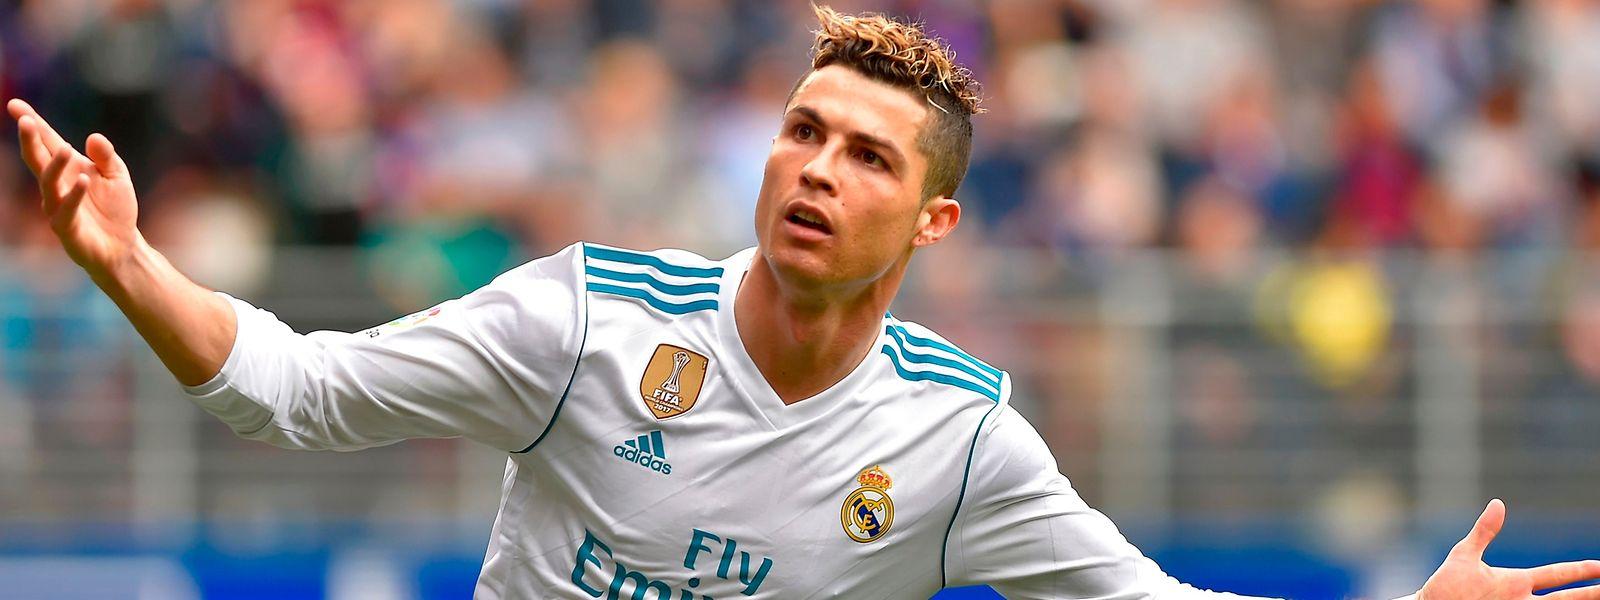 Cristiano Ronaldo und Real Madrid treffen erneut auf Juventus Turin.